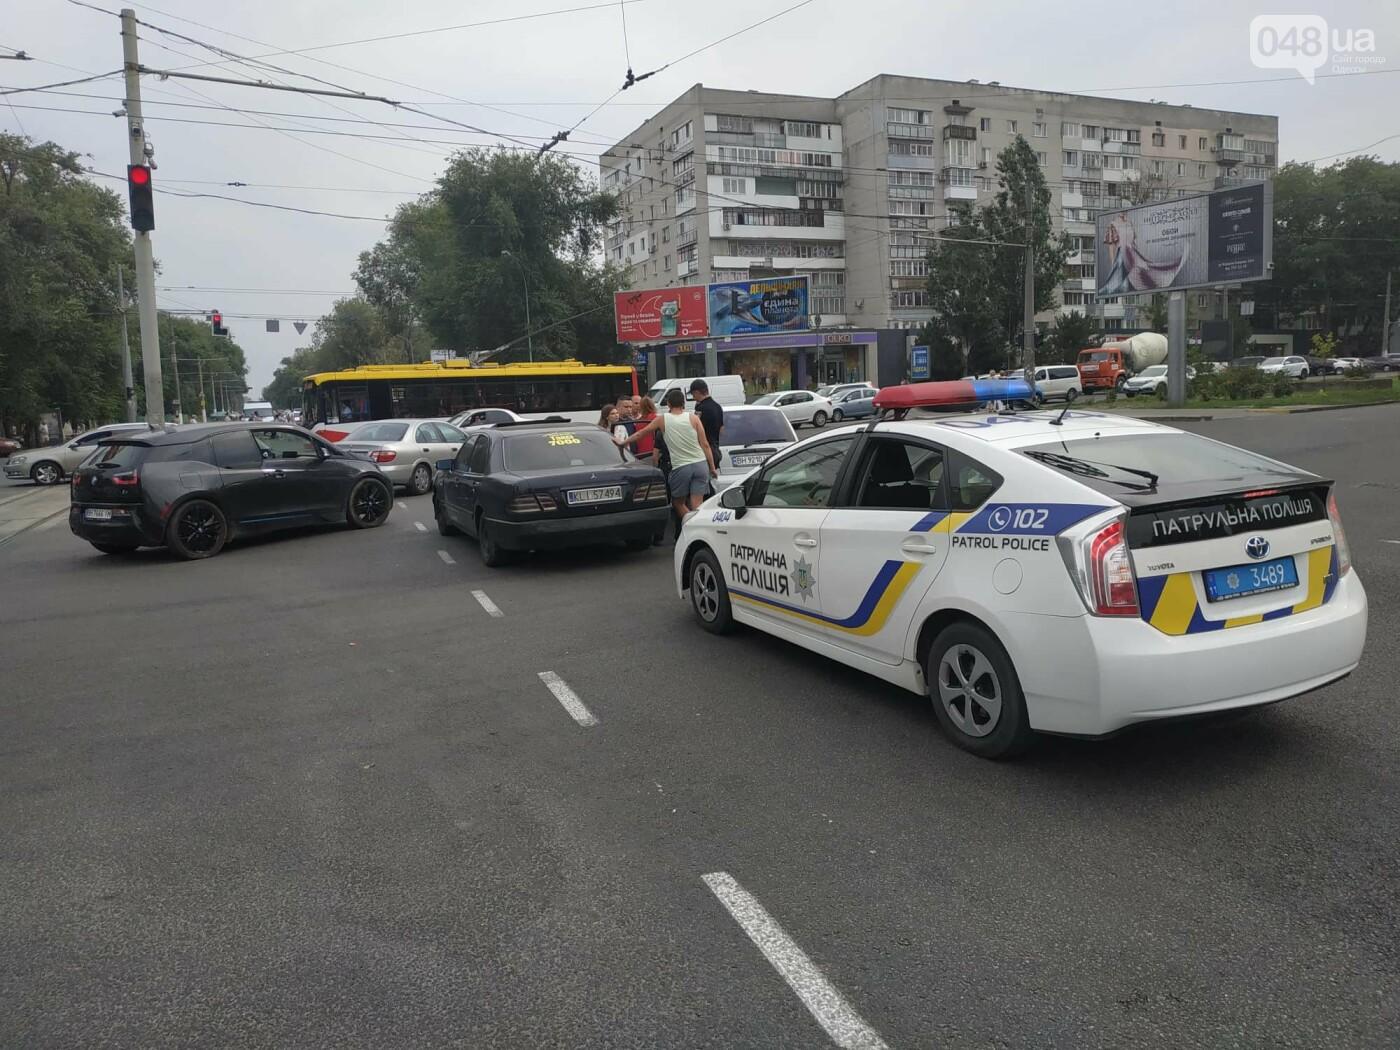 """Пассажир, """"выпрыгнувший"""" посреди дороги в Одессе: стали известны подробности ДТП, - ФОТО, фото-9"""